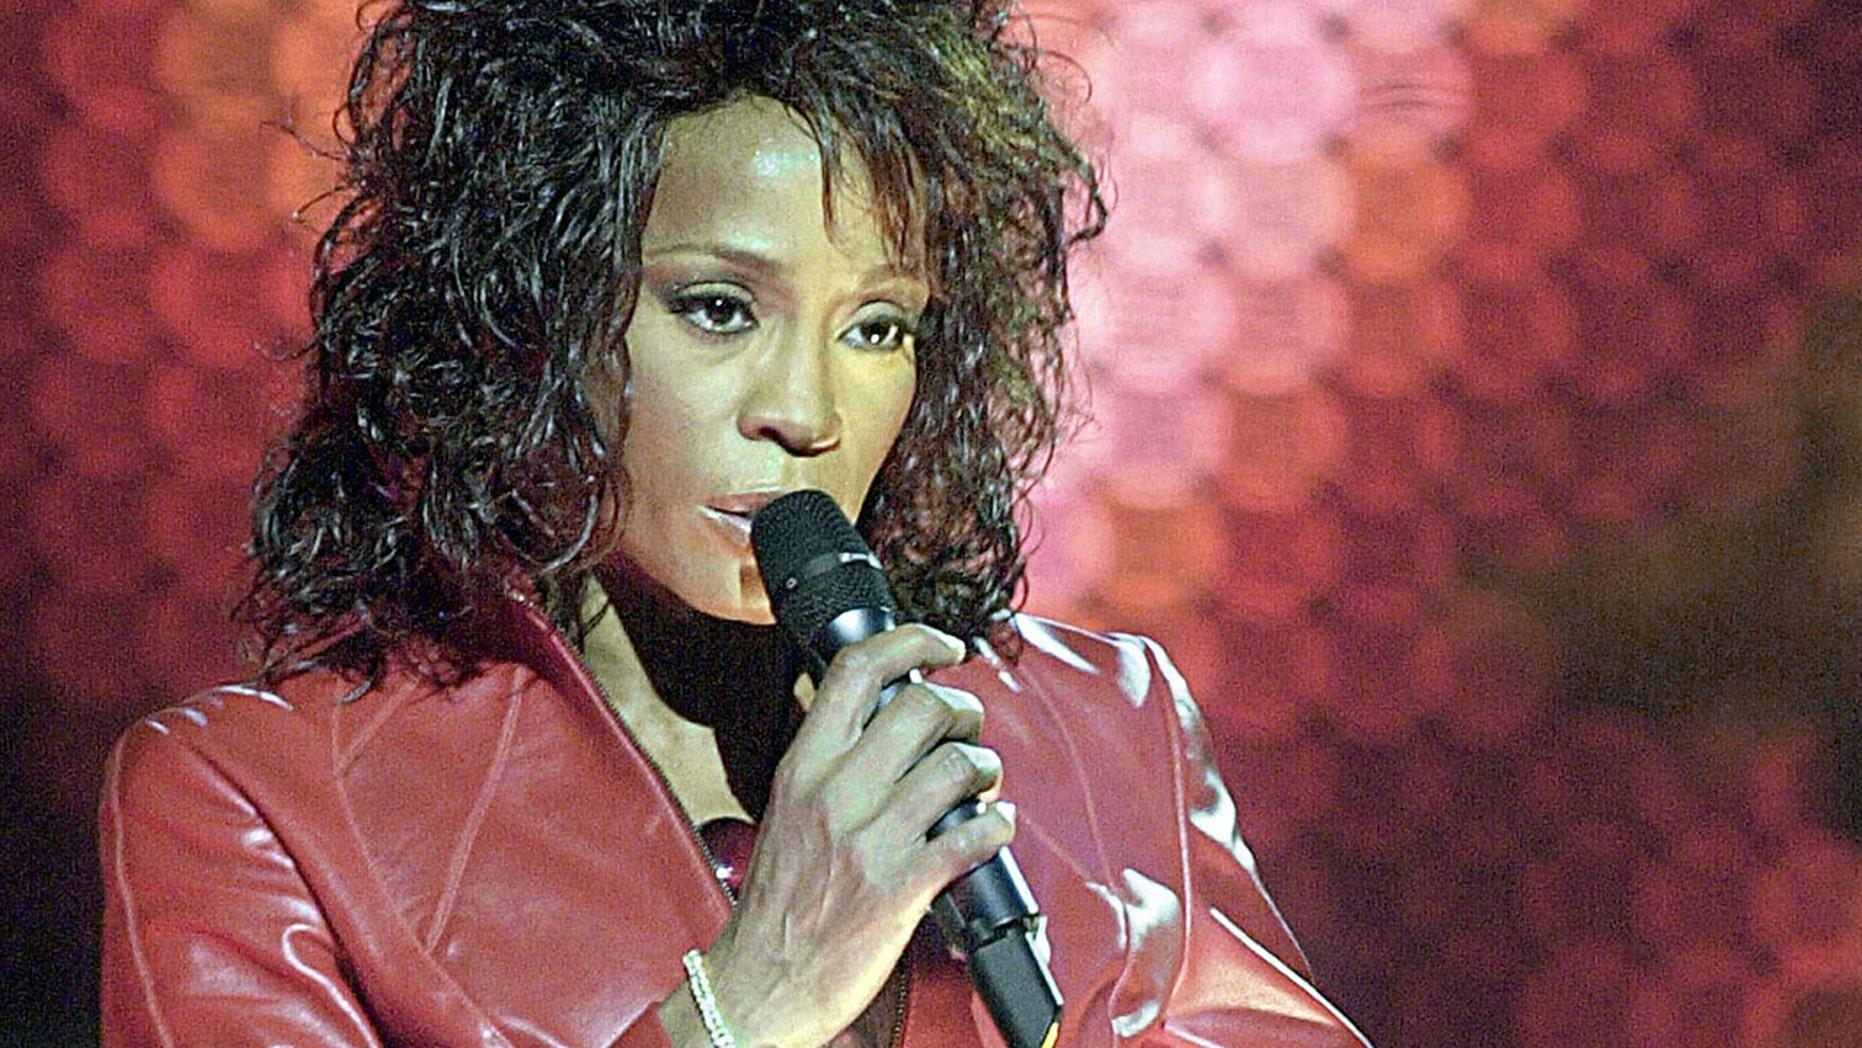 Whitney Houston performs on November 24, 2002.